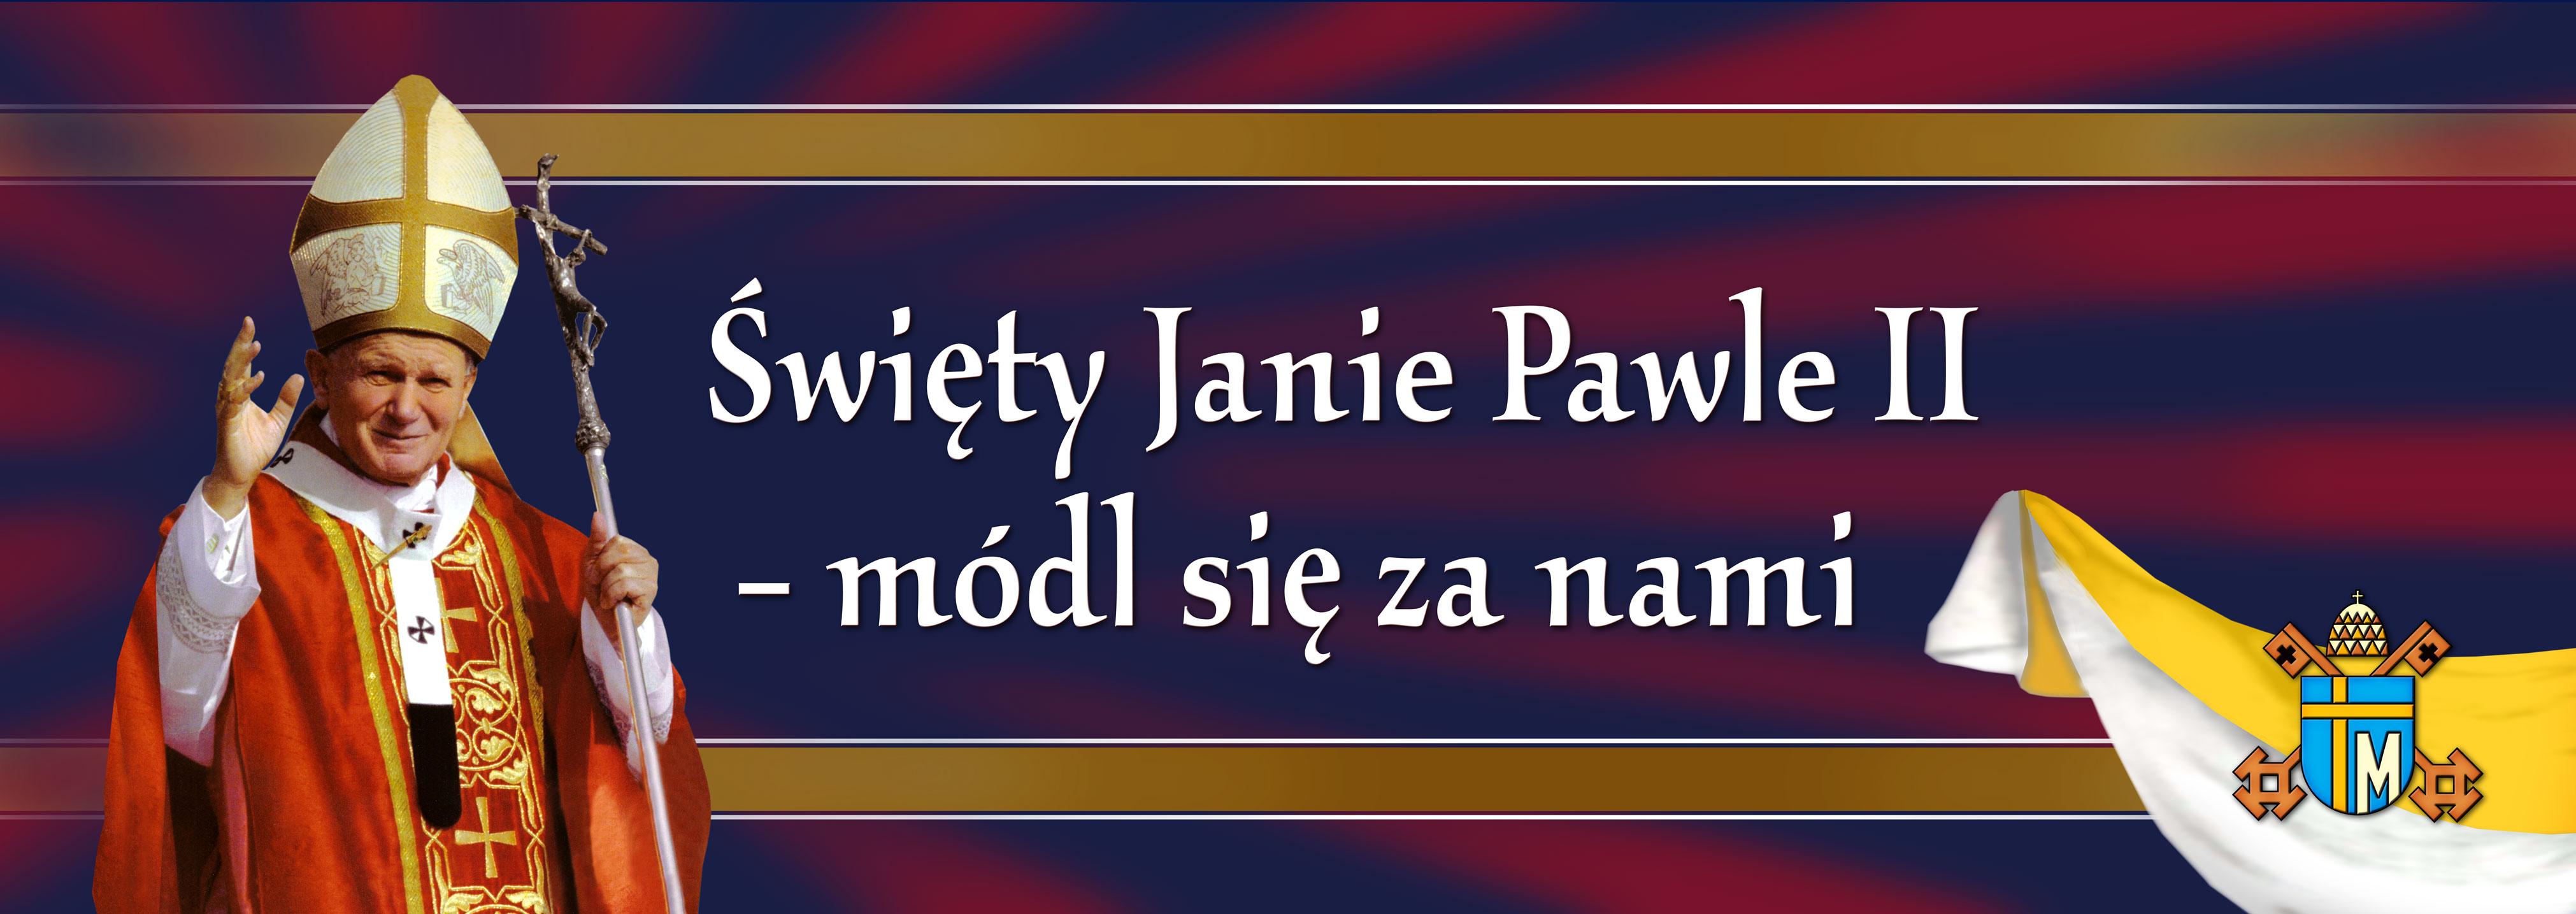 Swiety Jan Pawel II - Baner okolicznosciowy